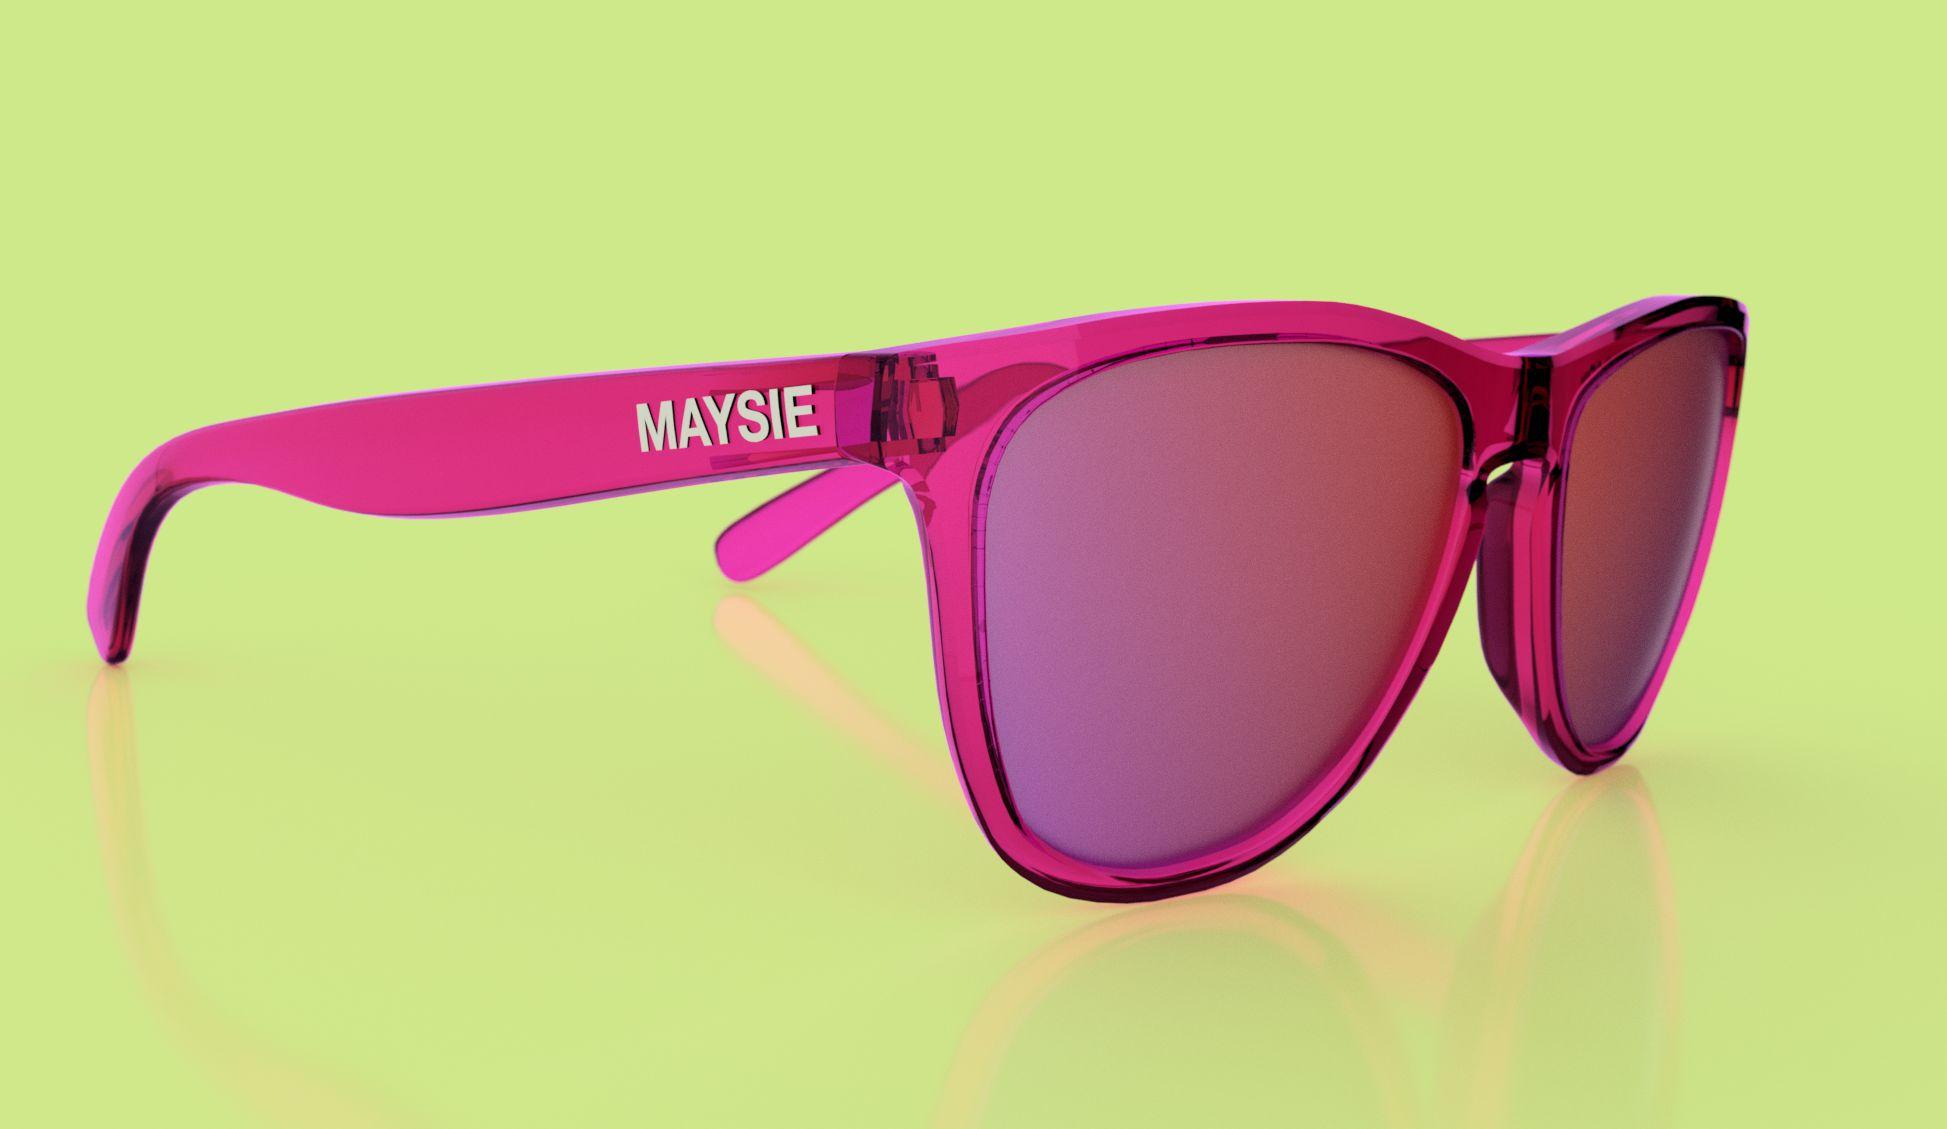 Maysie-skins-v54a-3500-3500